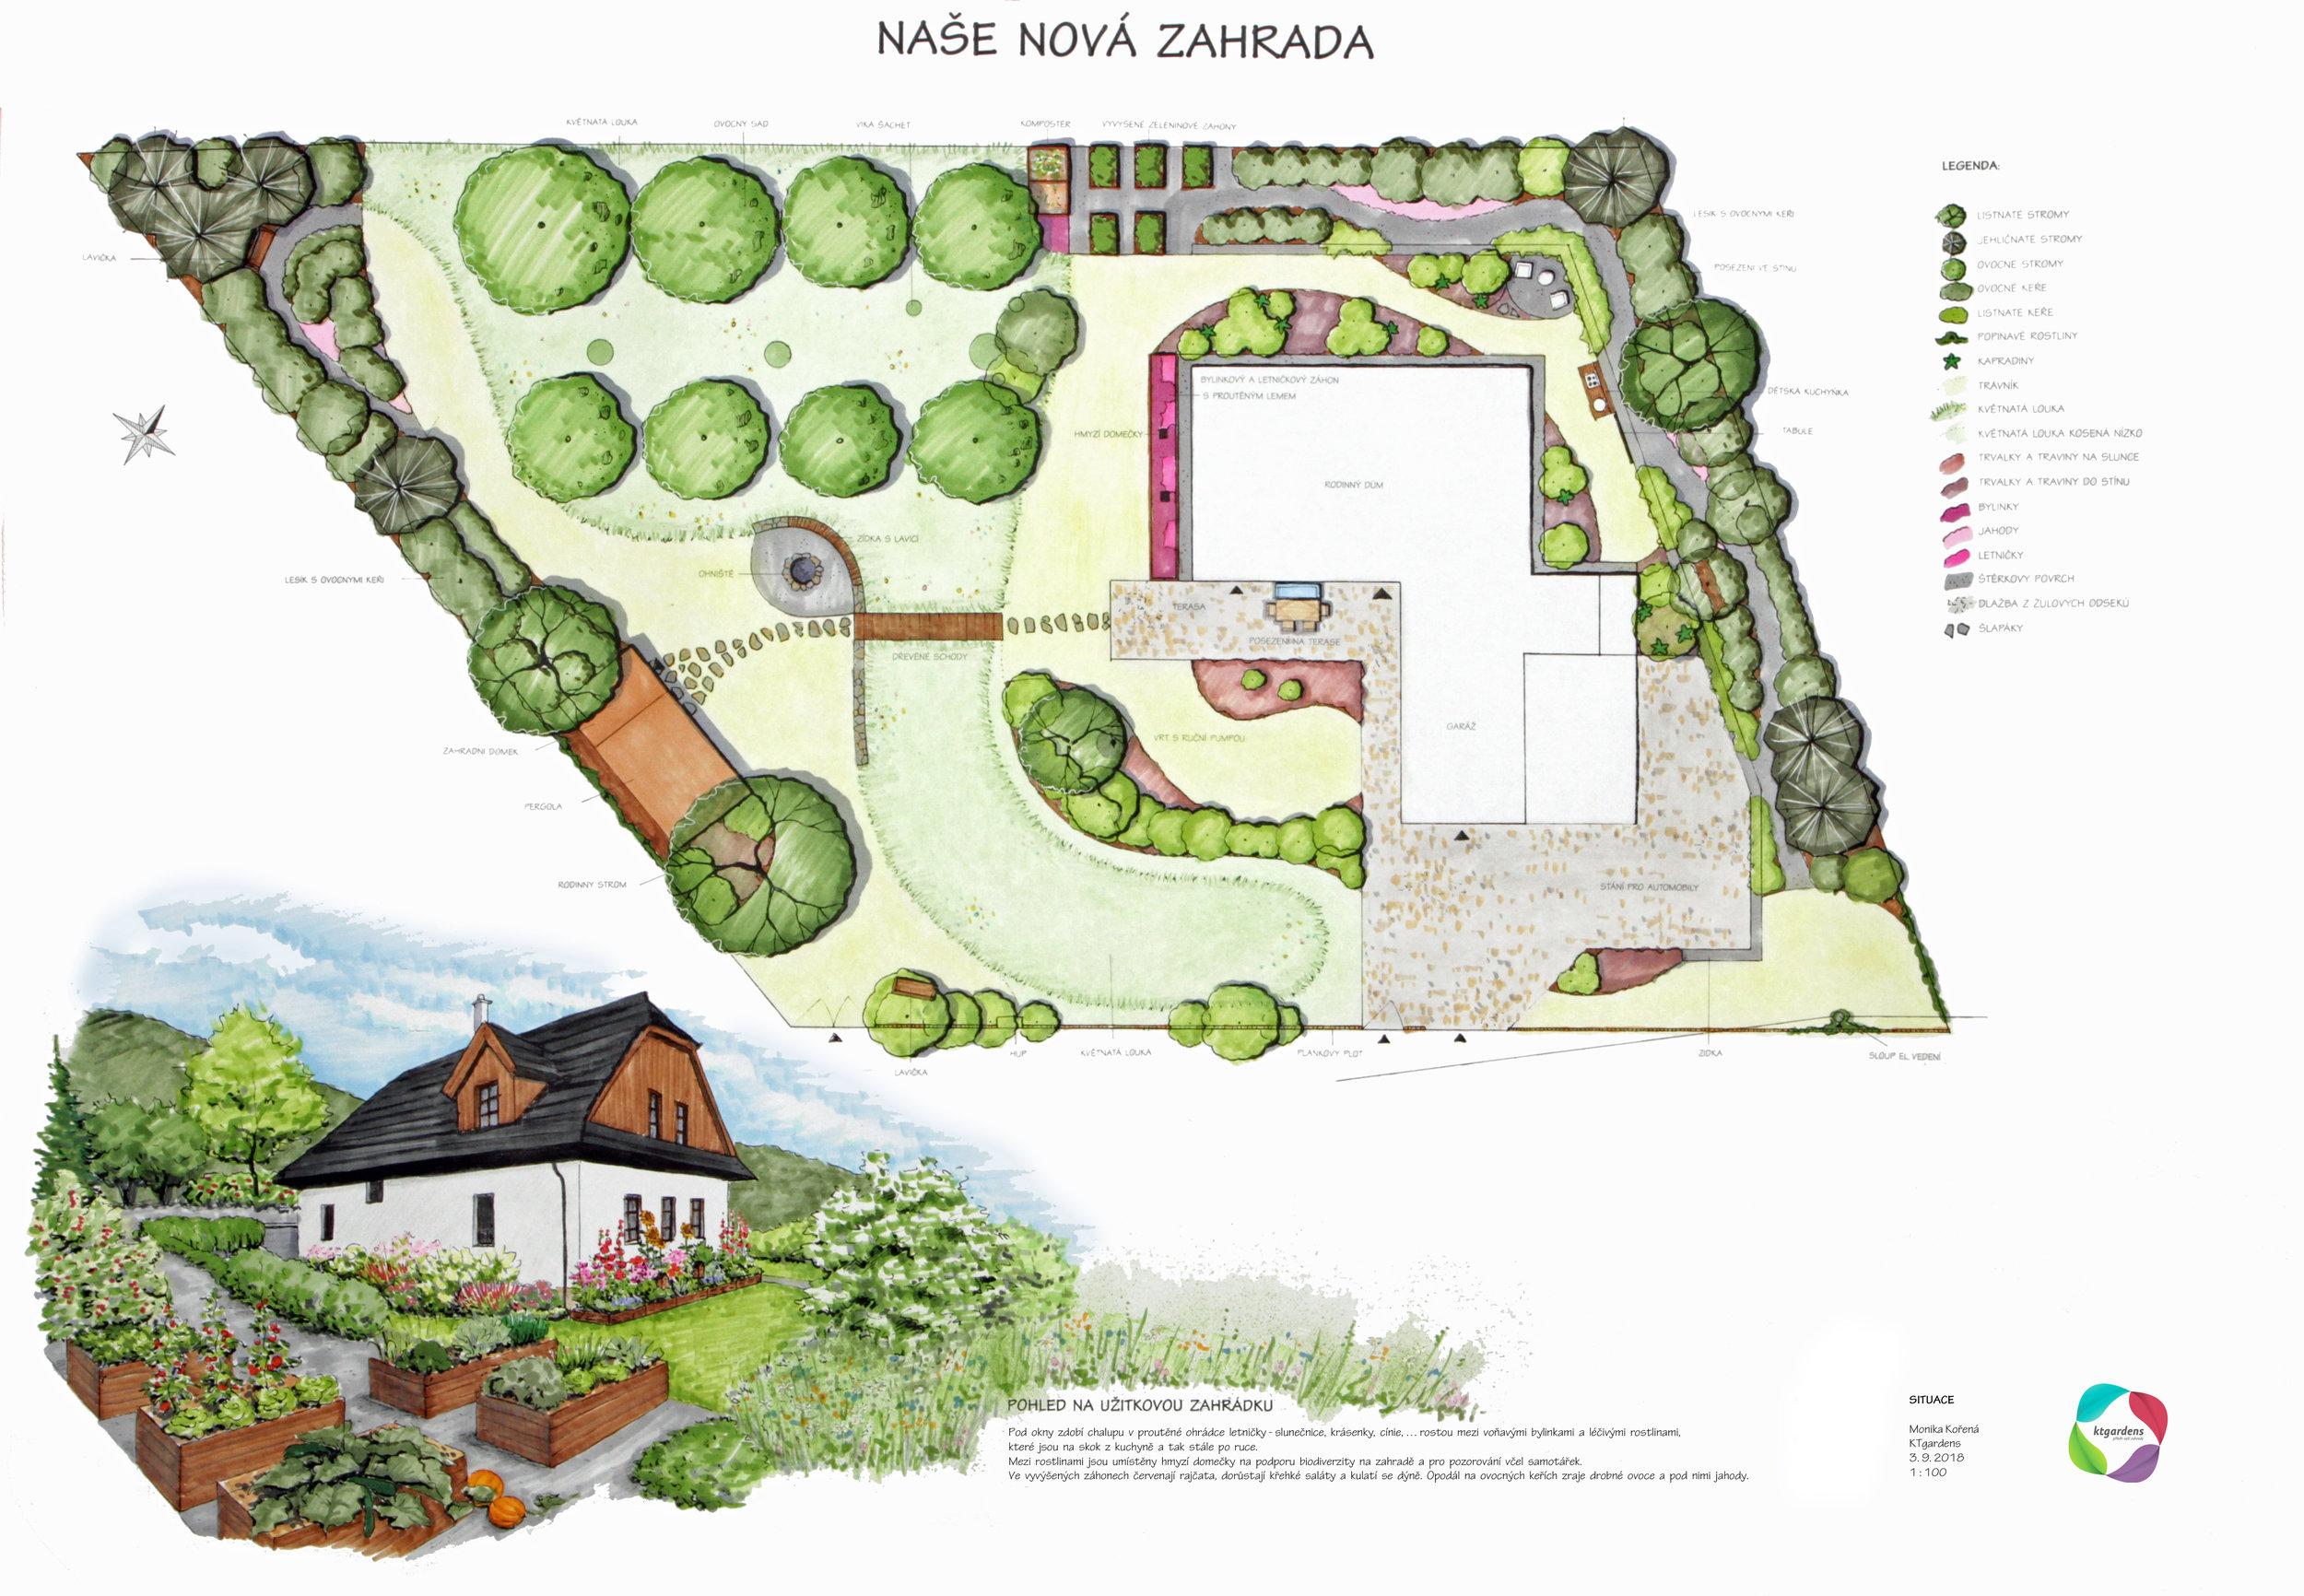 Návrh zahrady ve Vyšních Lhotách, venkovská zahrada, přírodní zahrada, rodinná zahrada, KTgardens